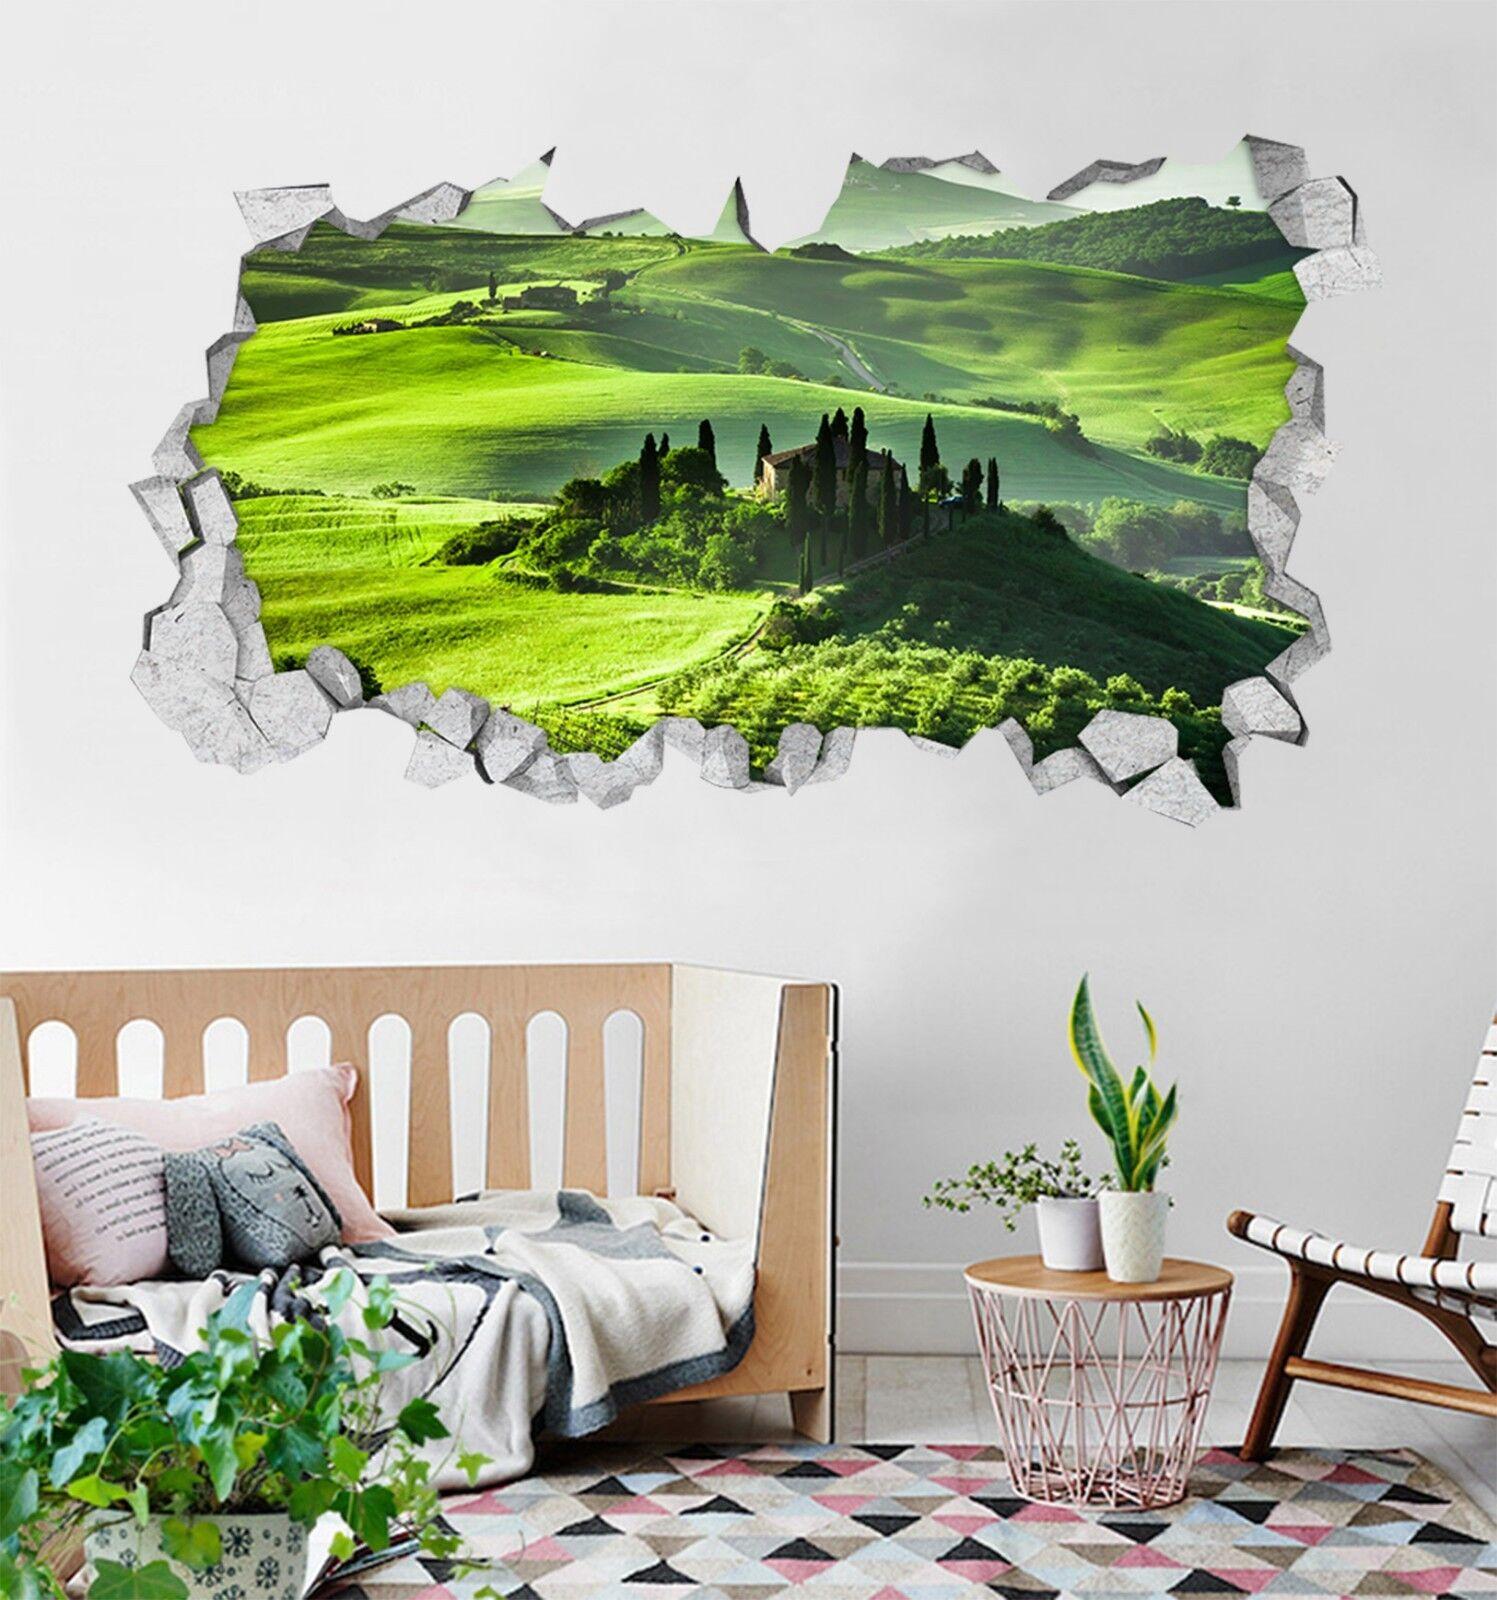 3D greene Hügel 161 Mauer Murals Mauer Aufklebe Decal Durchbruch AJ WALLPAPER DE